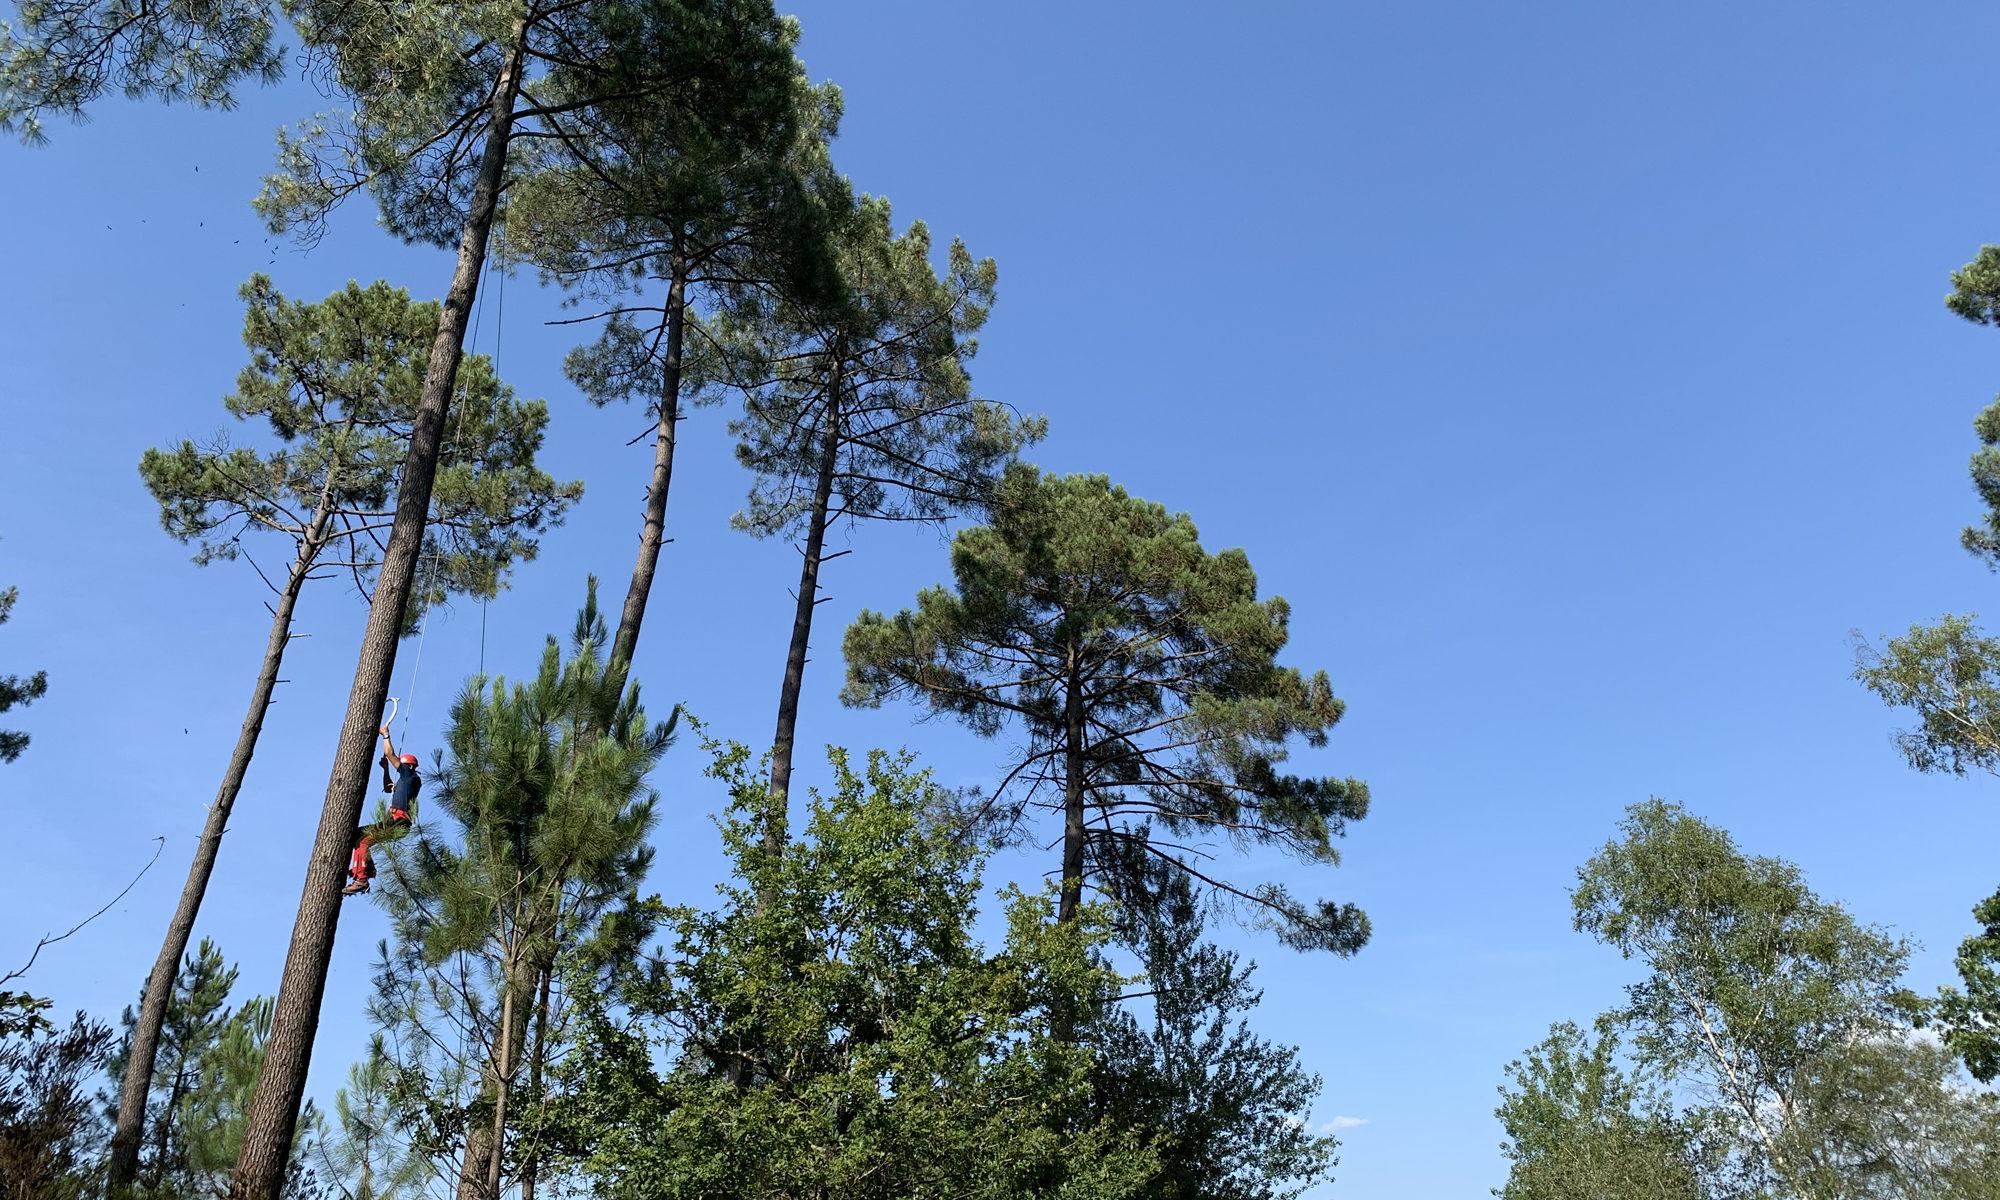 Cascade de bois - Woodclimb